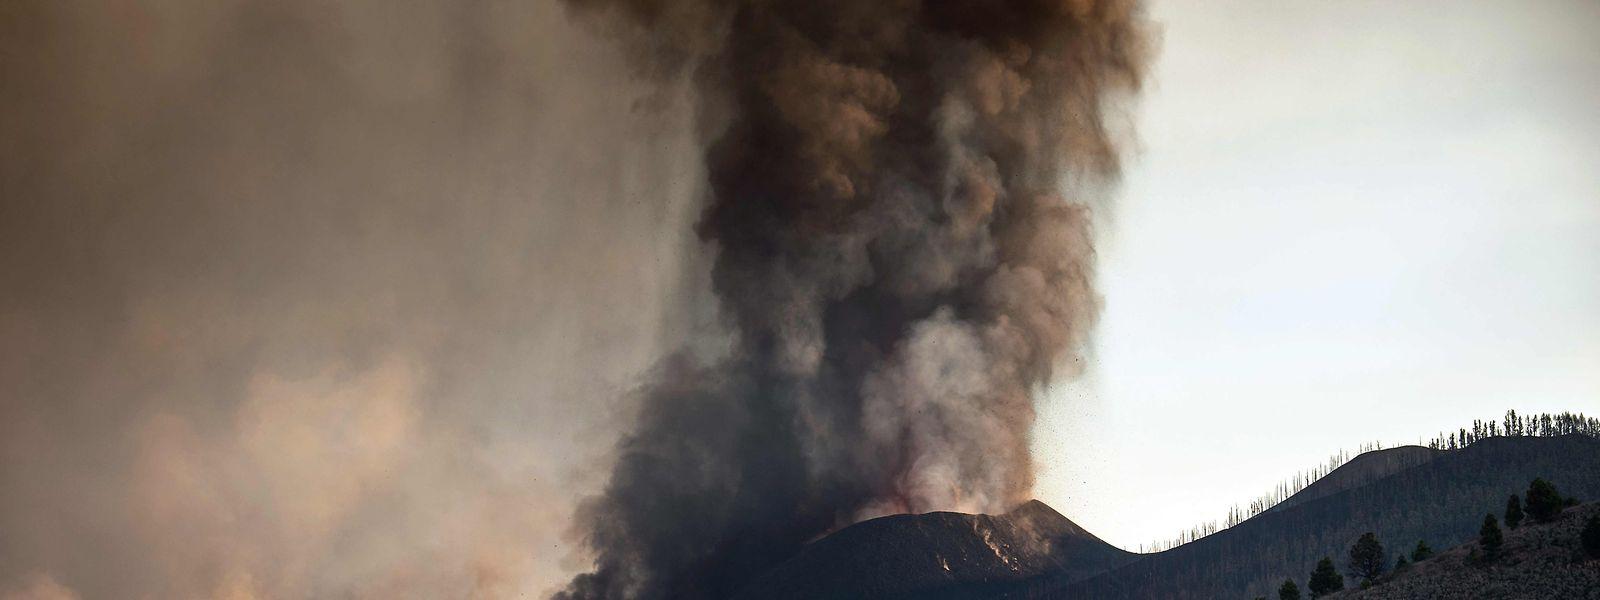 Der Vulkan Cumbre Vieja spuckt immer noch große schwarze Aschewolken in den Himmel.